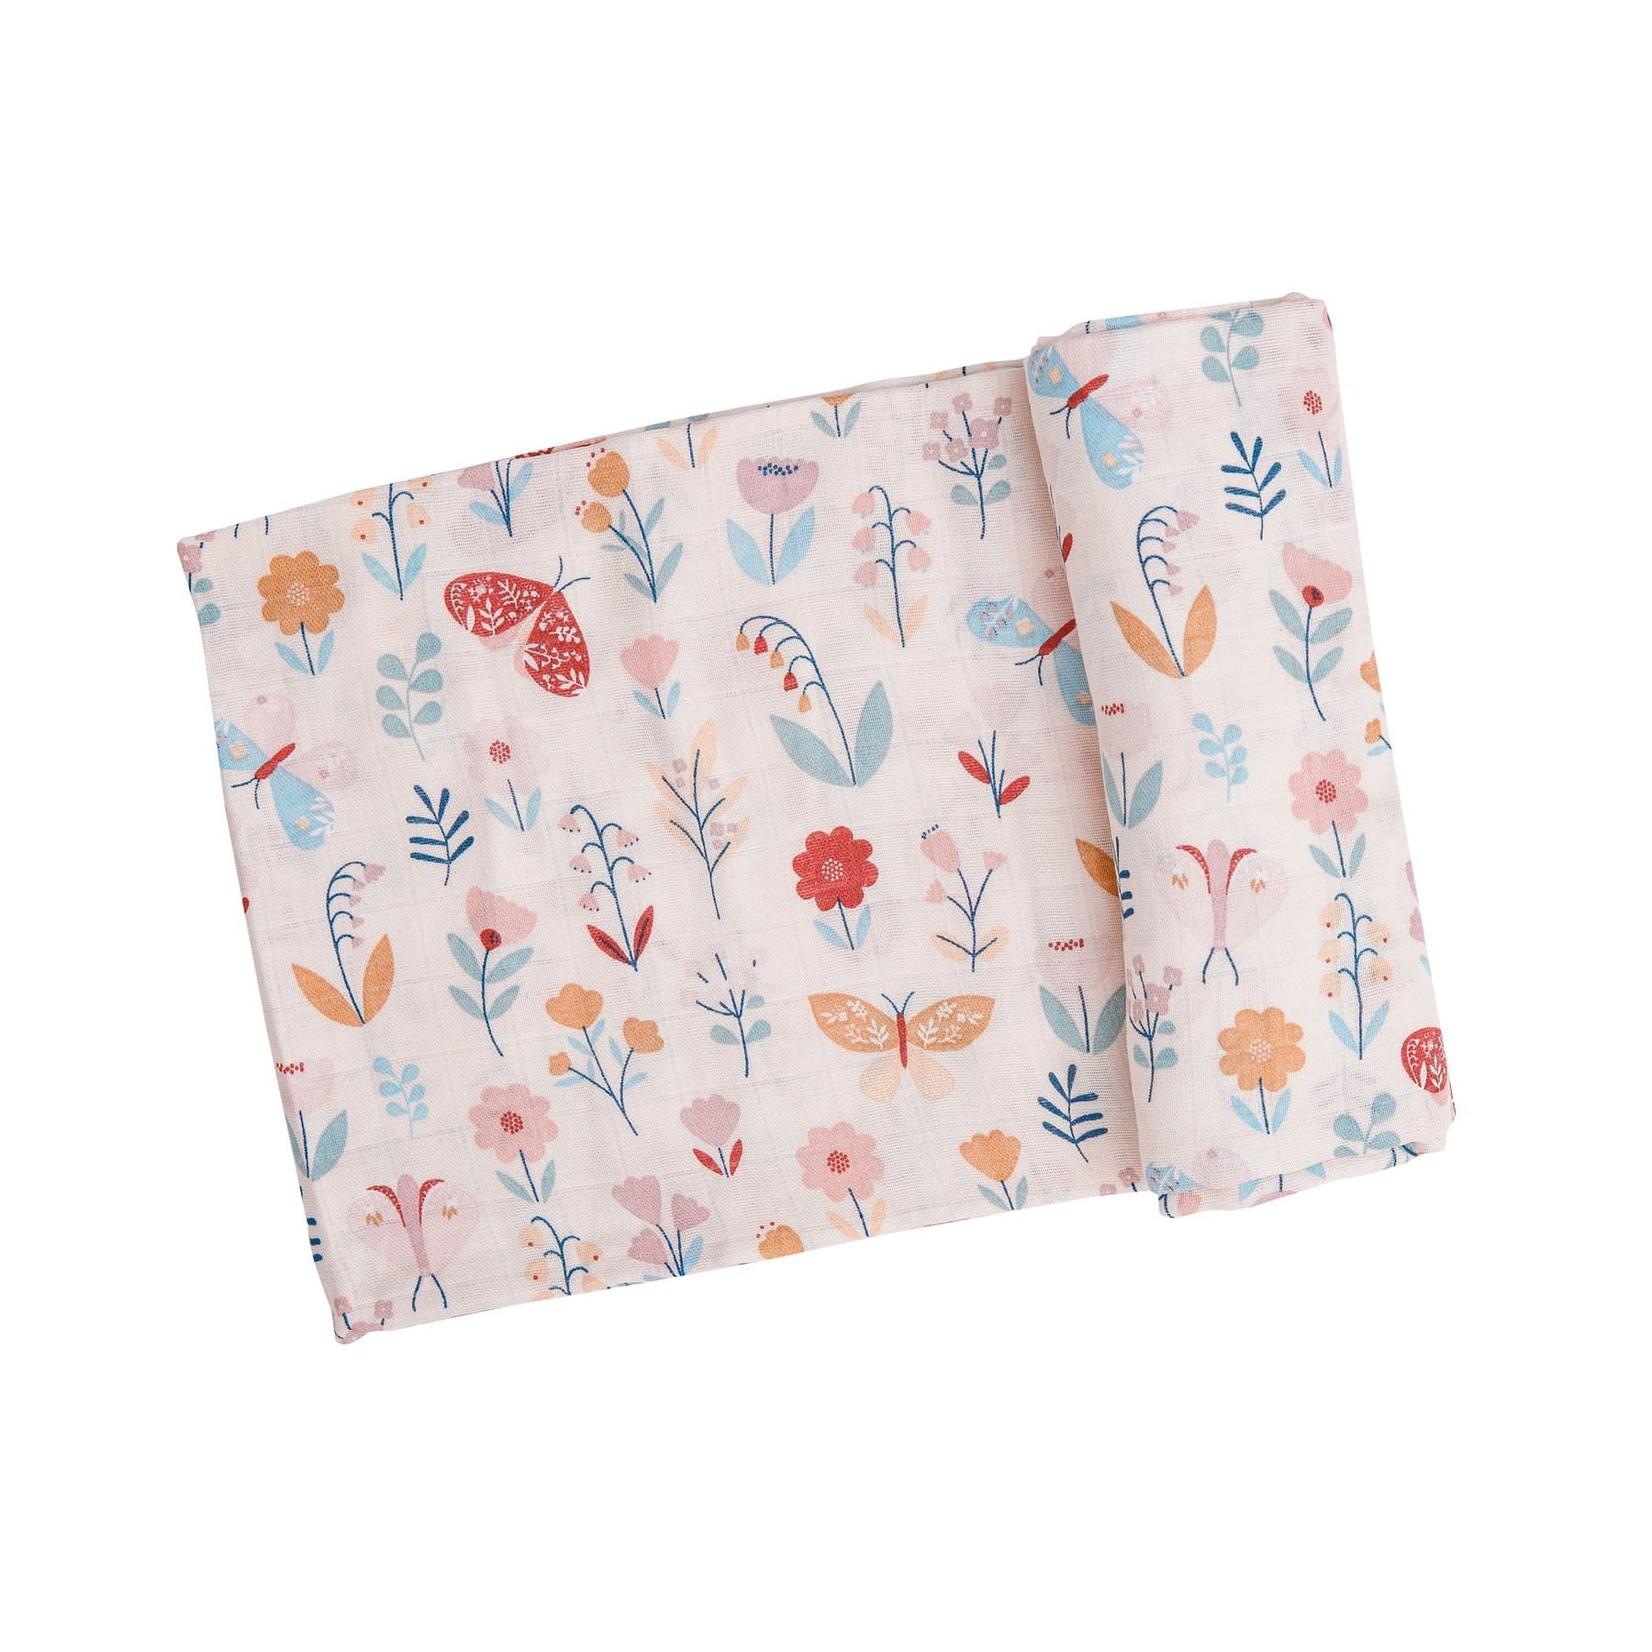 Angel Dear Butterfly Garden Swaddle Blanket 47x47